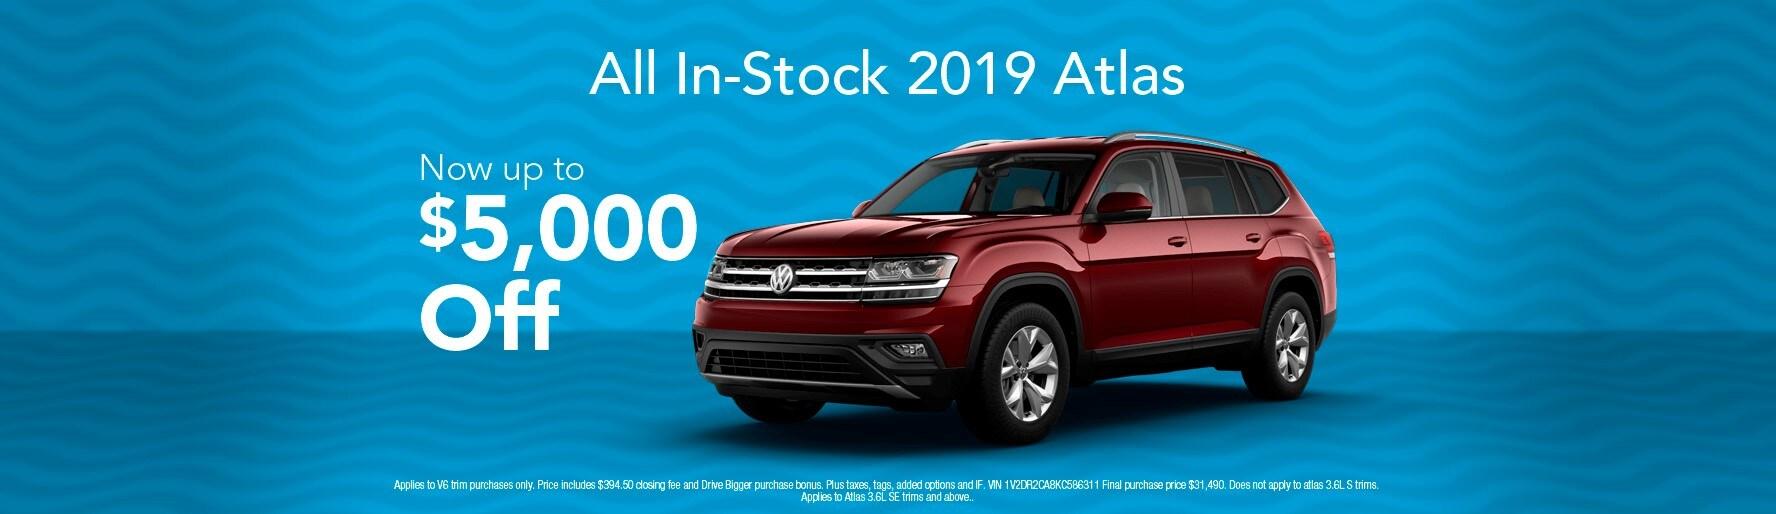 East Coast Vw >> Welcome To East Coast Volkswagen Volkswagen Dealer Car